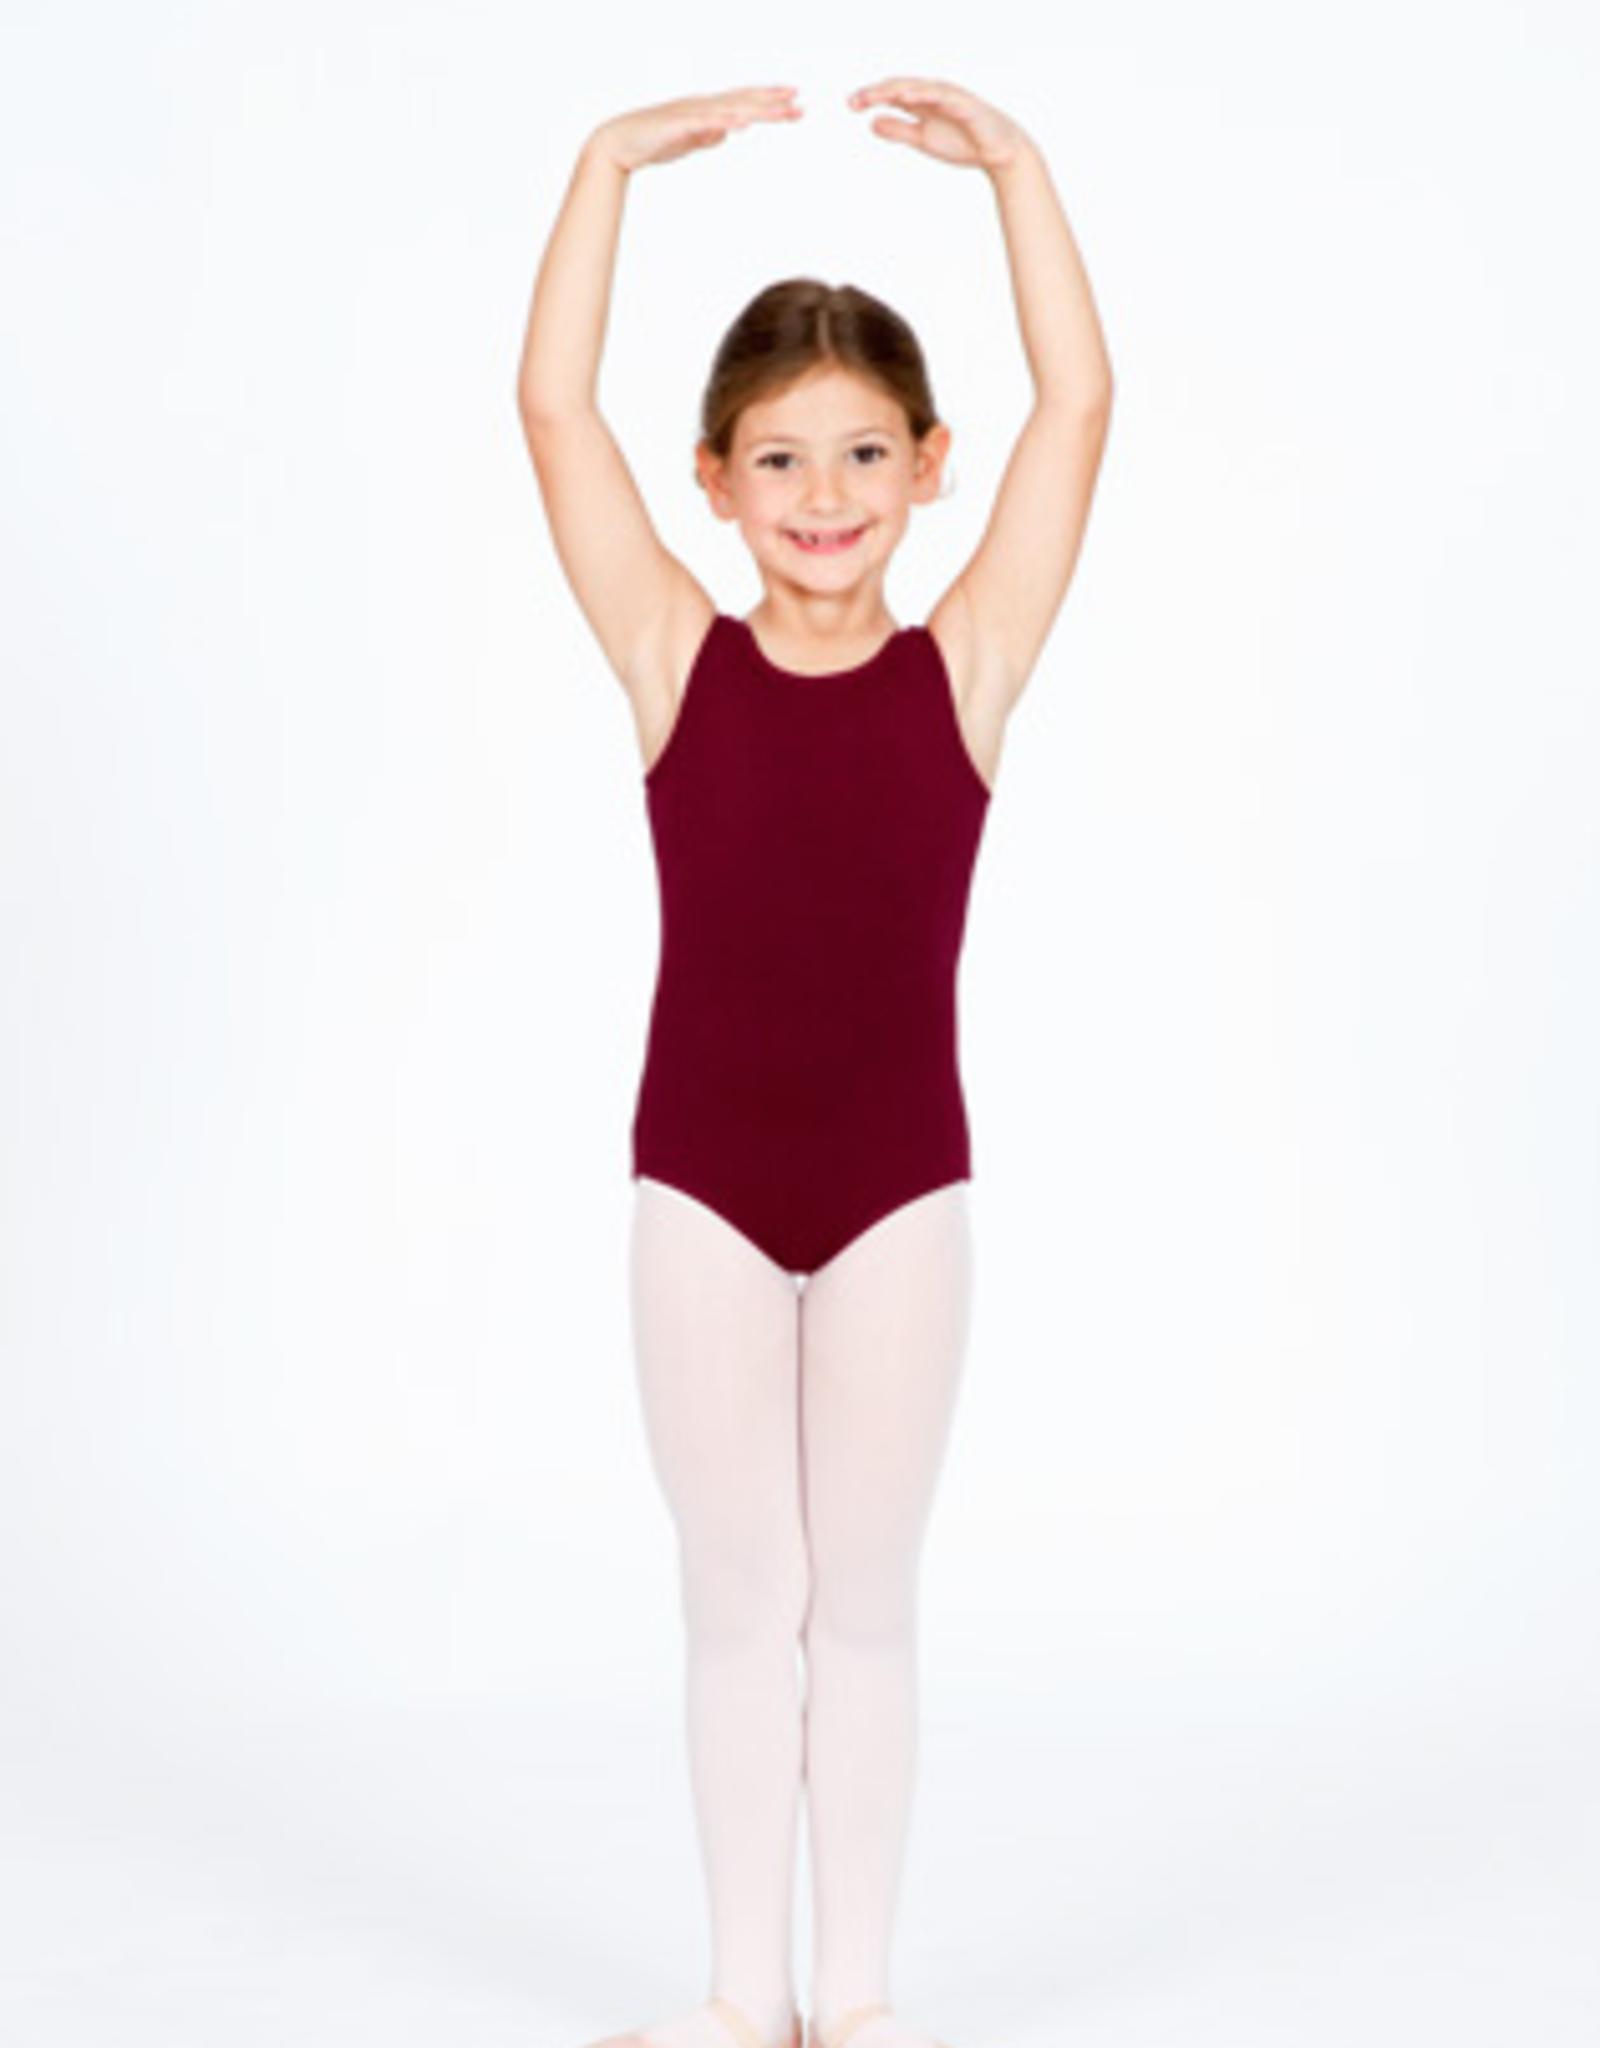 CAPEZIO CLASSIC HIGHT NECK CHILD TANK LEOTARD BURGUNDY (CC201C)